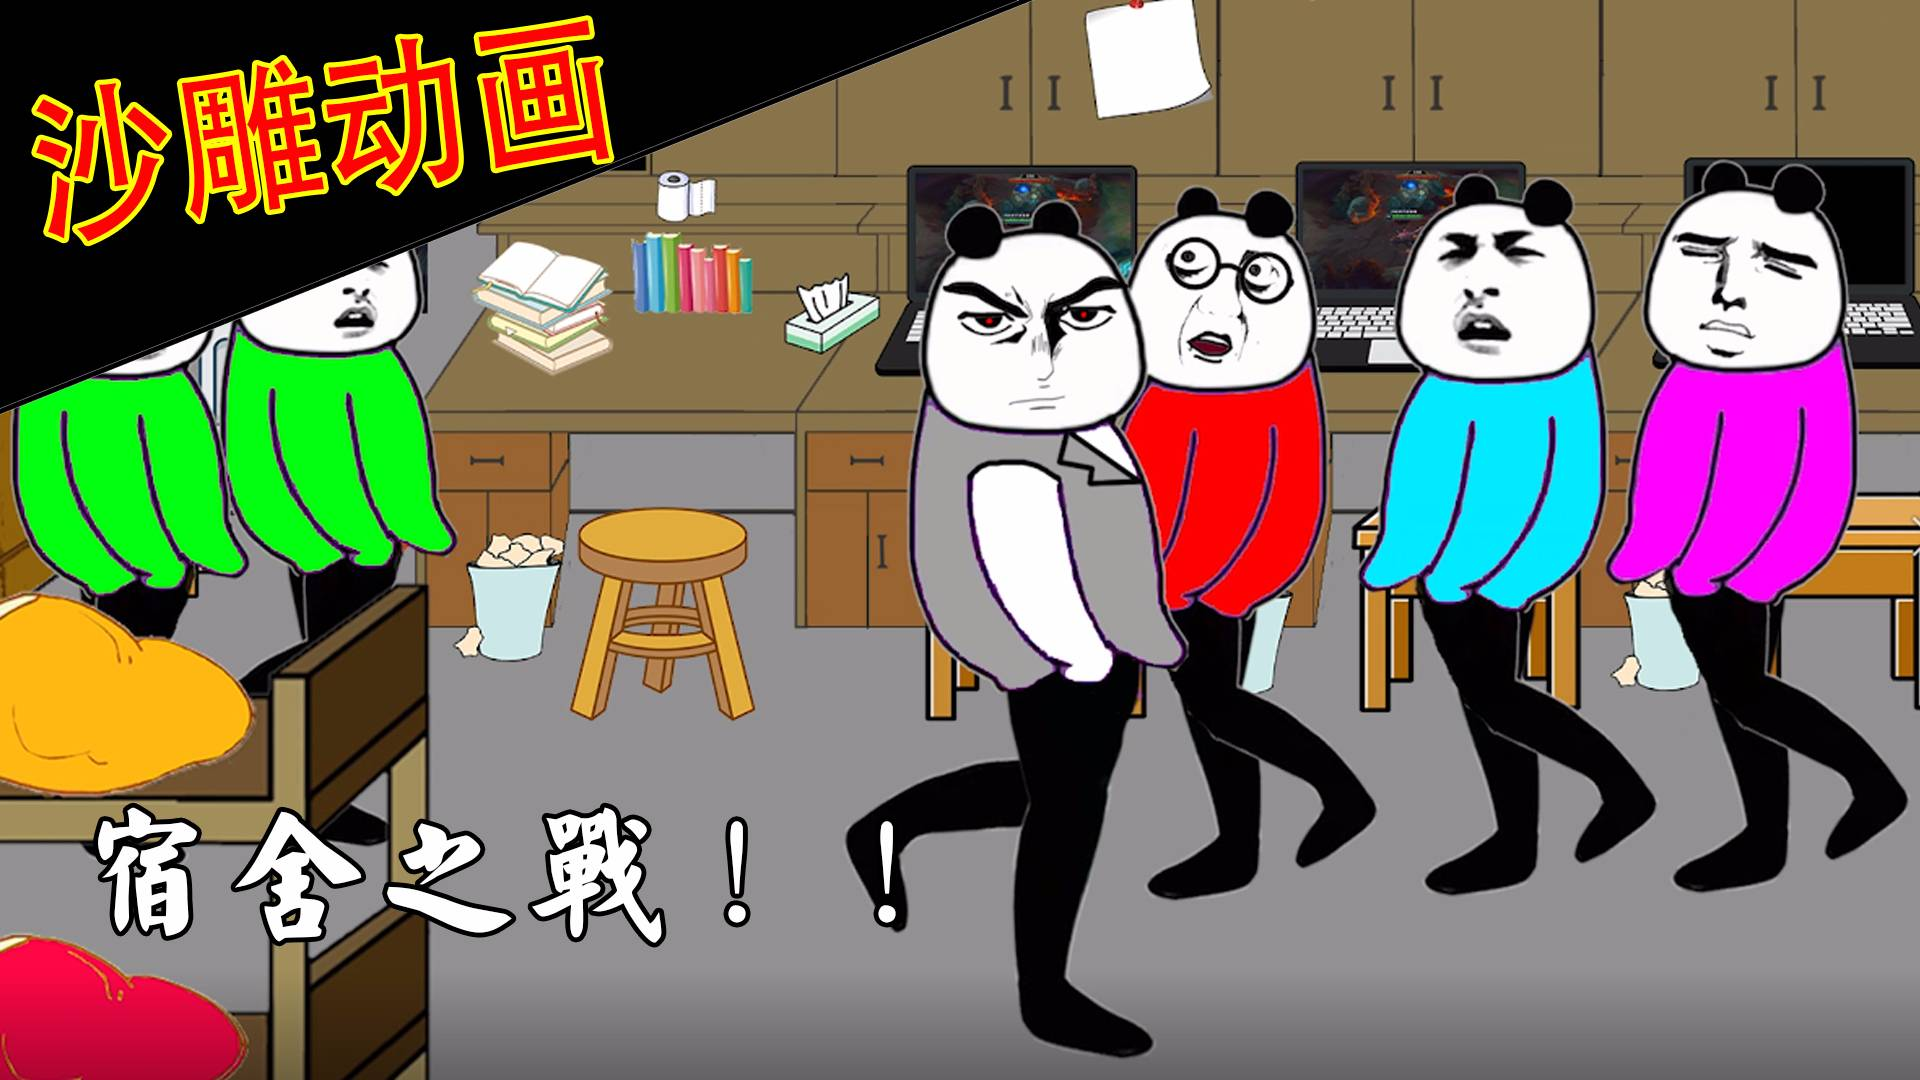 【宿舍争爸】当代学生寝室查宿舍之战!